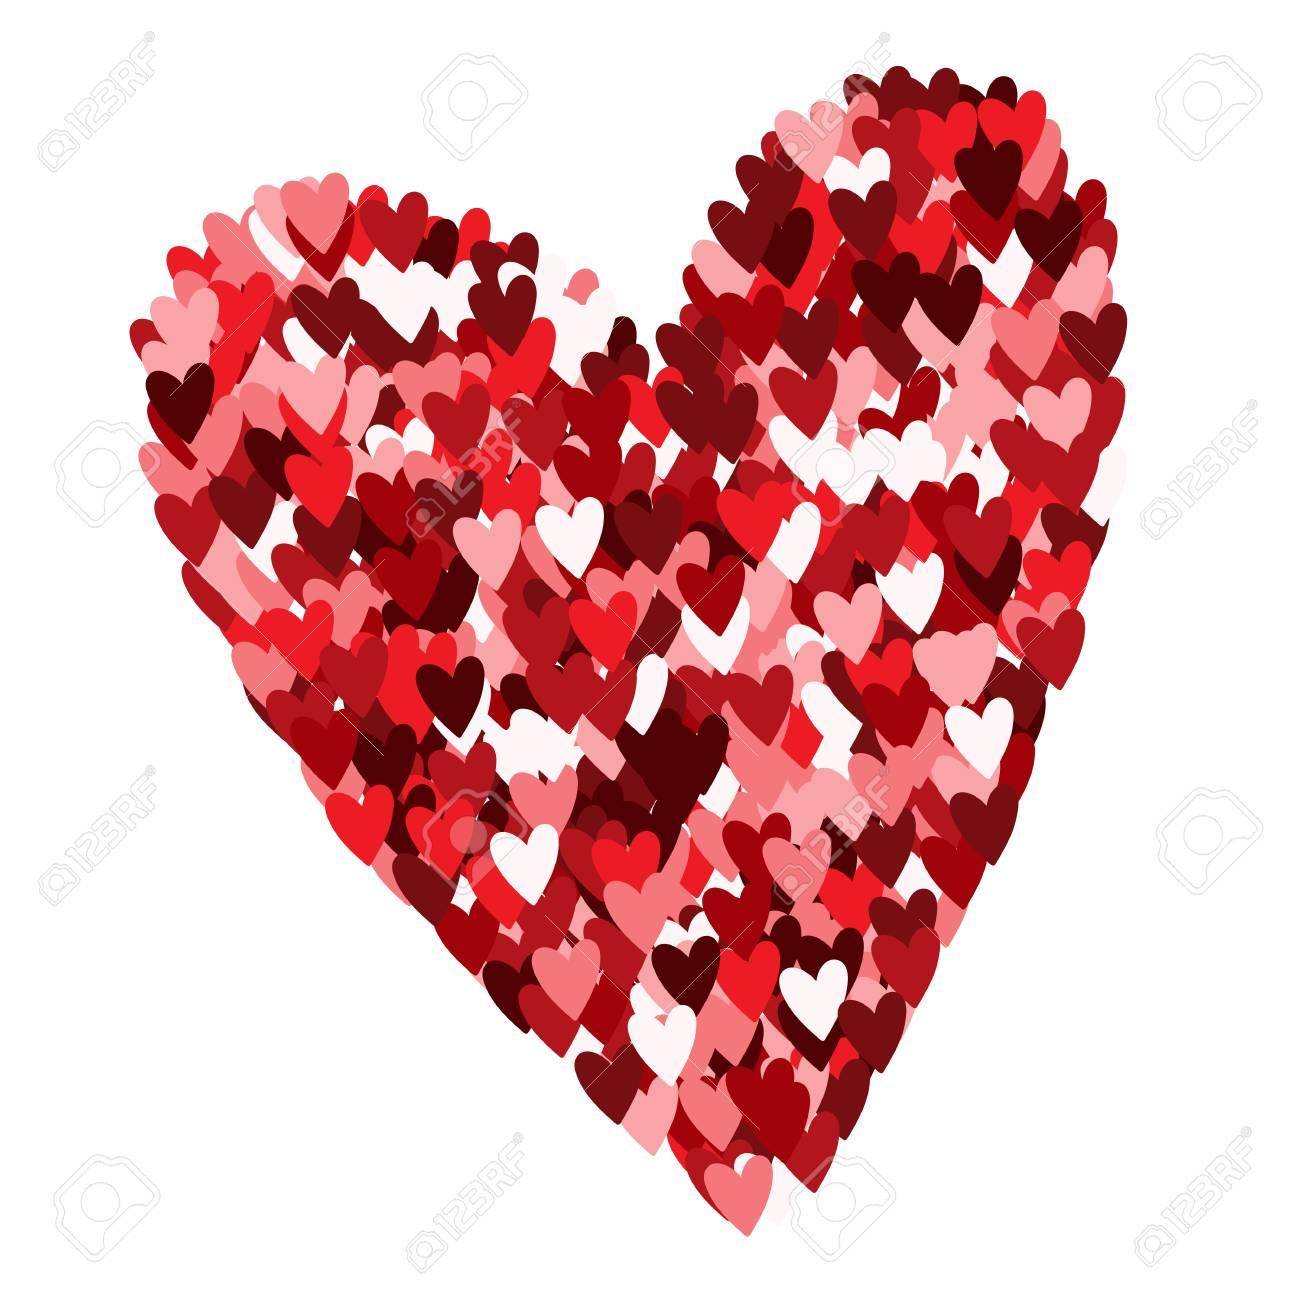 Corazón Hecho De Pequeños Corazones Aislado En El Fondo Blanco